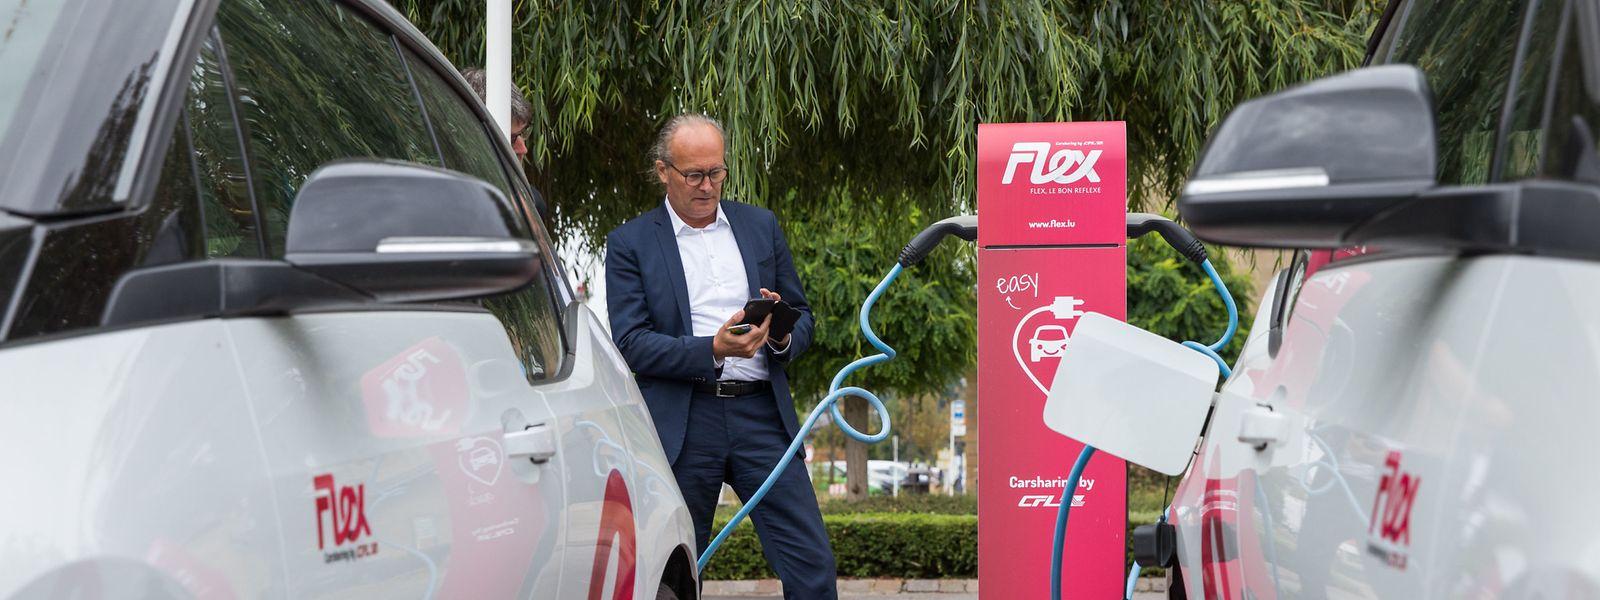 Le ministre de l'Energie veut encourager les particuliers à s'équiper en véhicules électriques, compris en aidant à l'implantation de bornes de recharge privées.